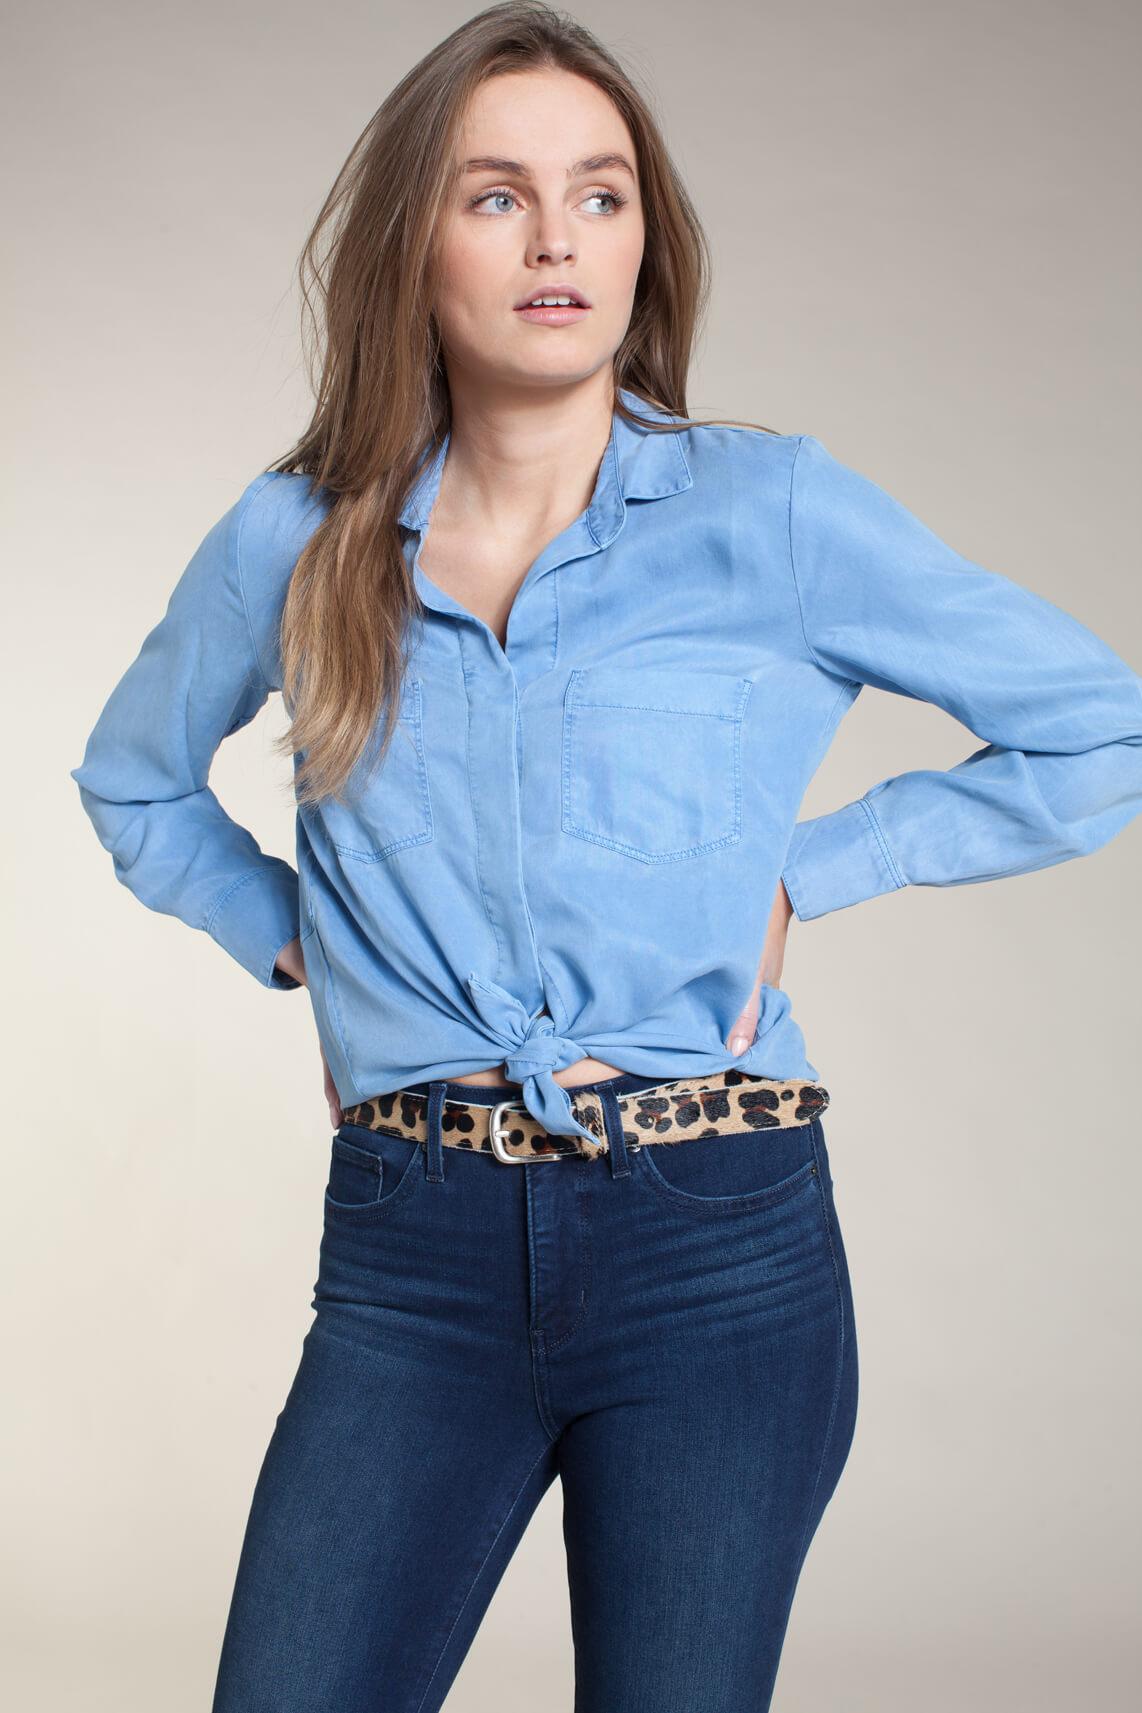 Marc O'Polo Dames Tencel blouse Blauw